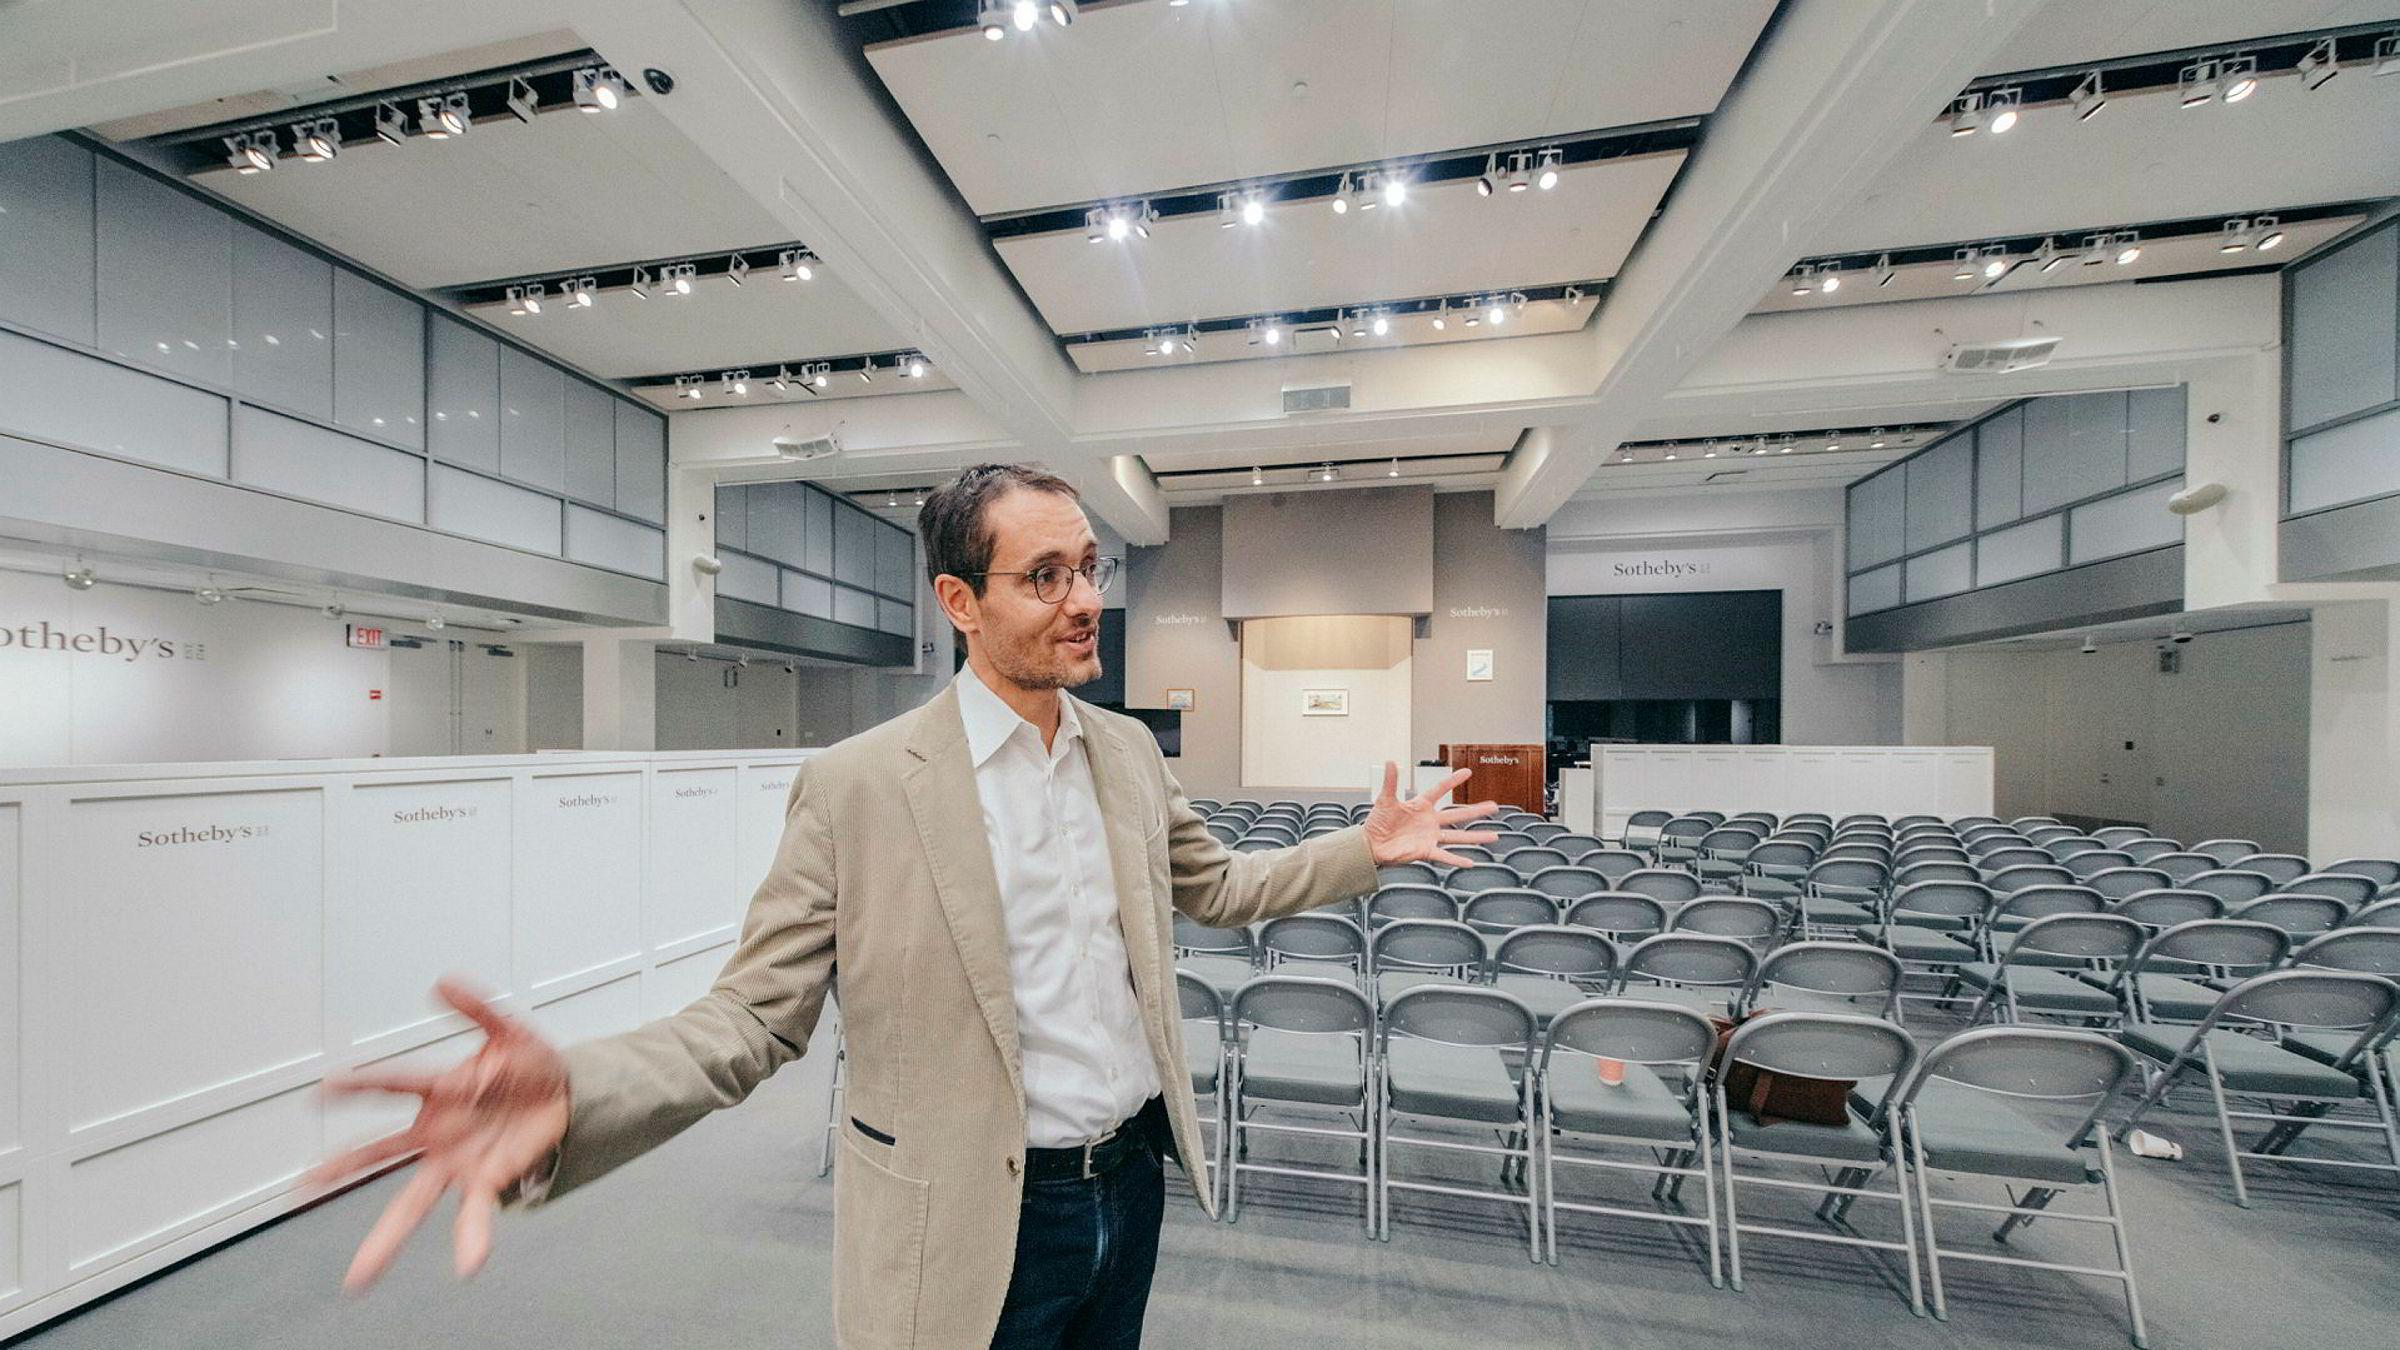 Grégoire Billault hos Sotheby's i New York forbereder årets største hendelse – en stor kunstauksjon i mai i år. Da skal et norskeid maleri av Francis Bacon forsøke seg på prisrekord. – Da må vi har inn mange flere stoler, og rommet blir helt fullt, sier Billault.